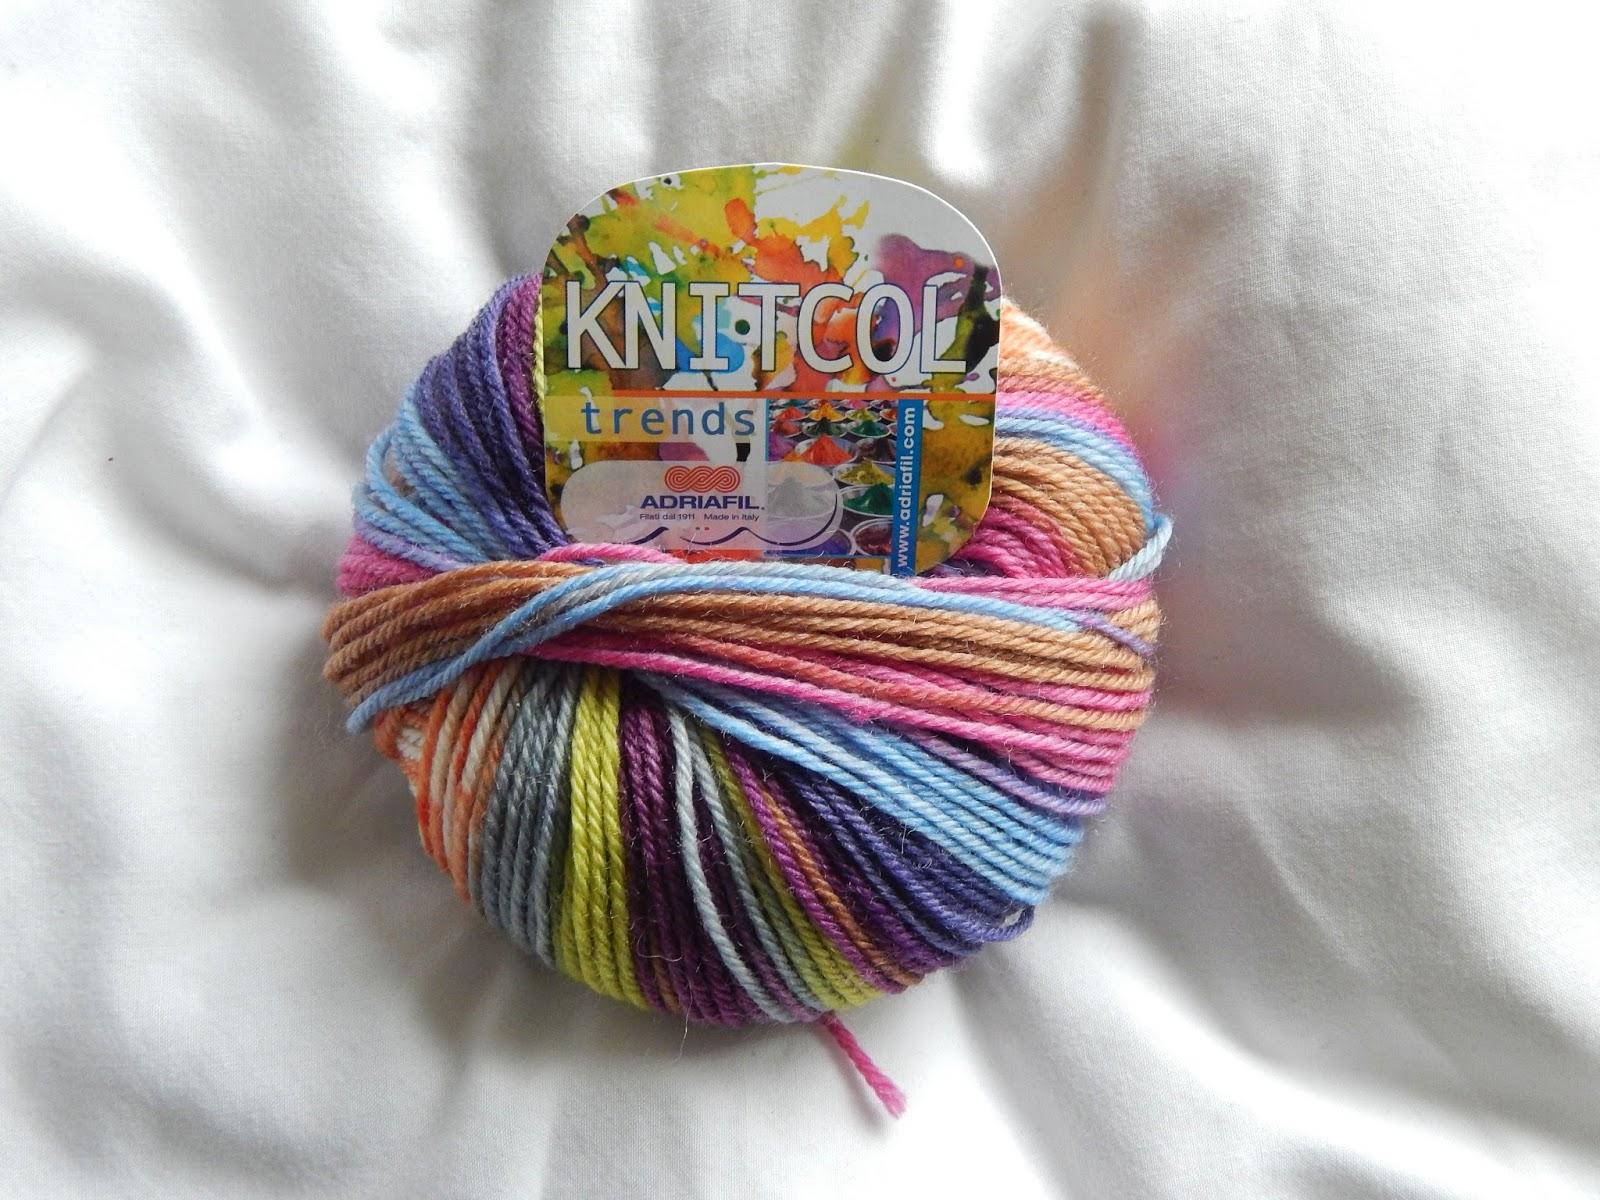 Adriafil Knitcol merino wool